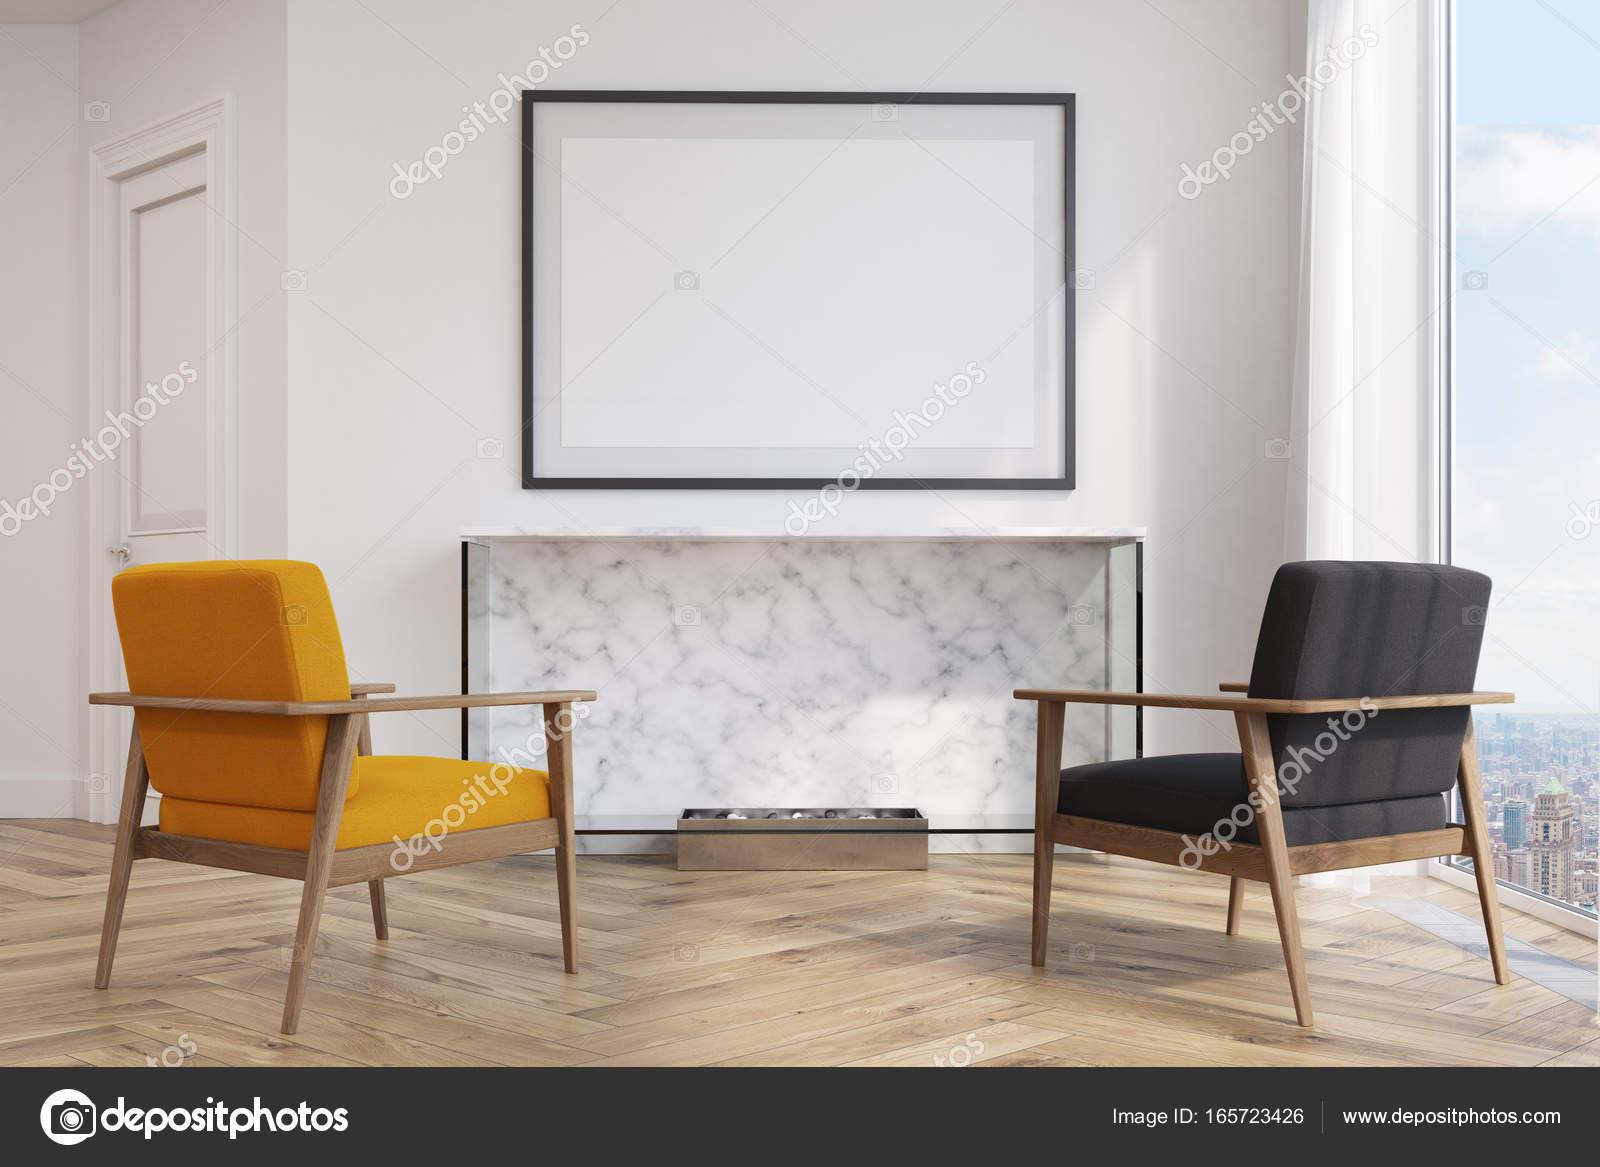 Weiße Wohnzimmer, gelb und schwarz Sessel — Stockfoto ...